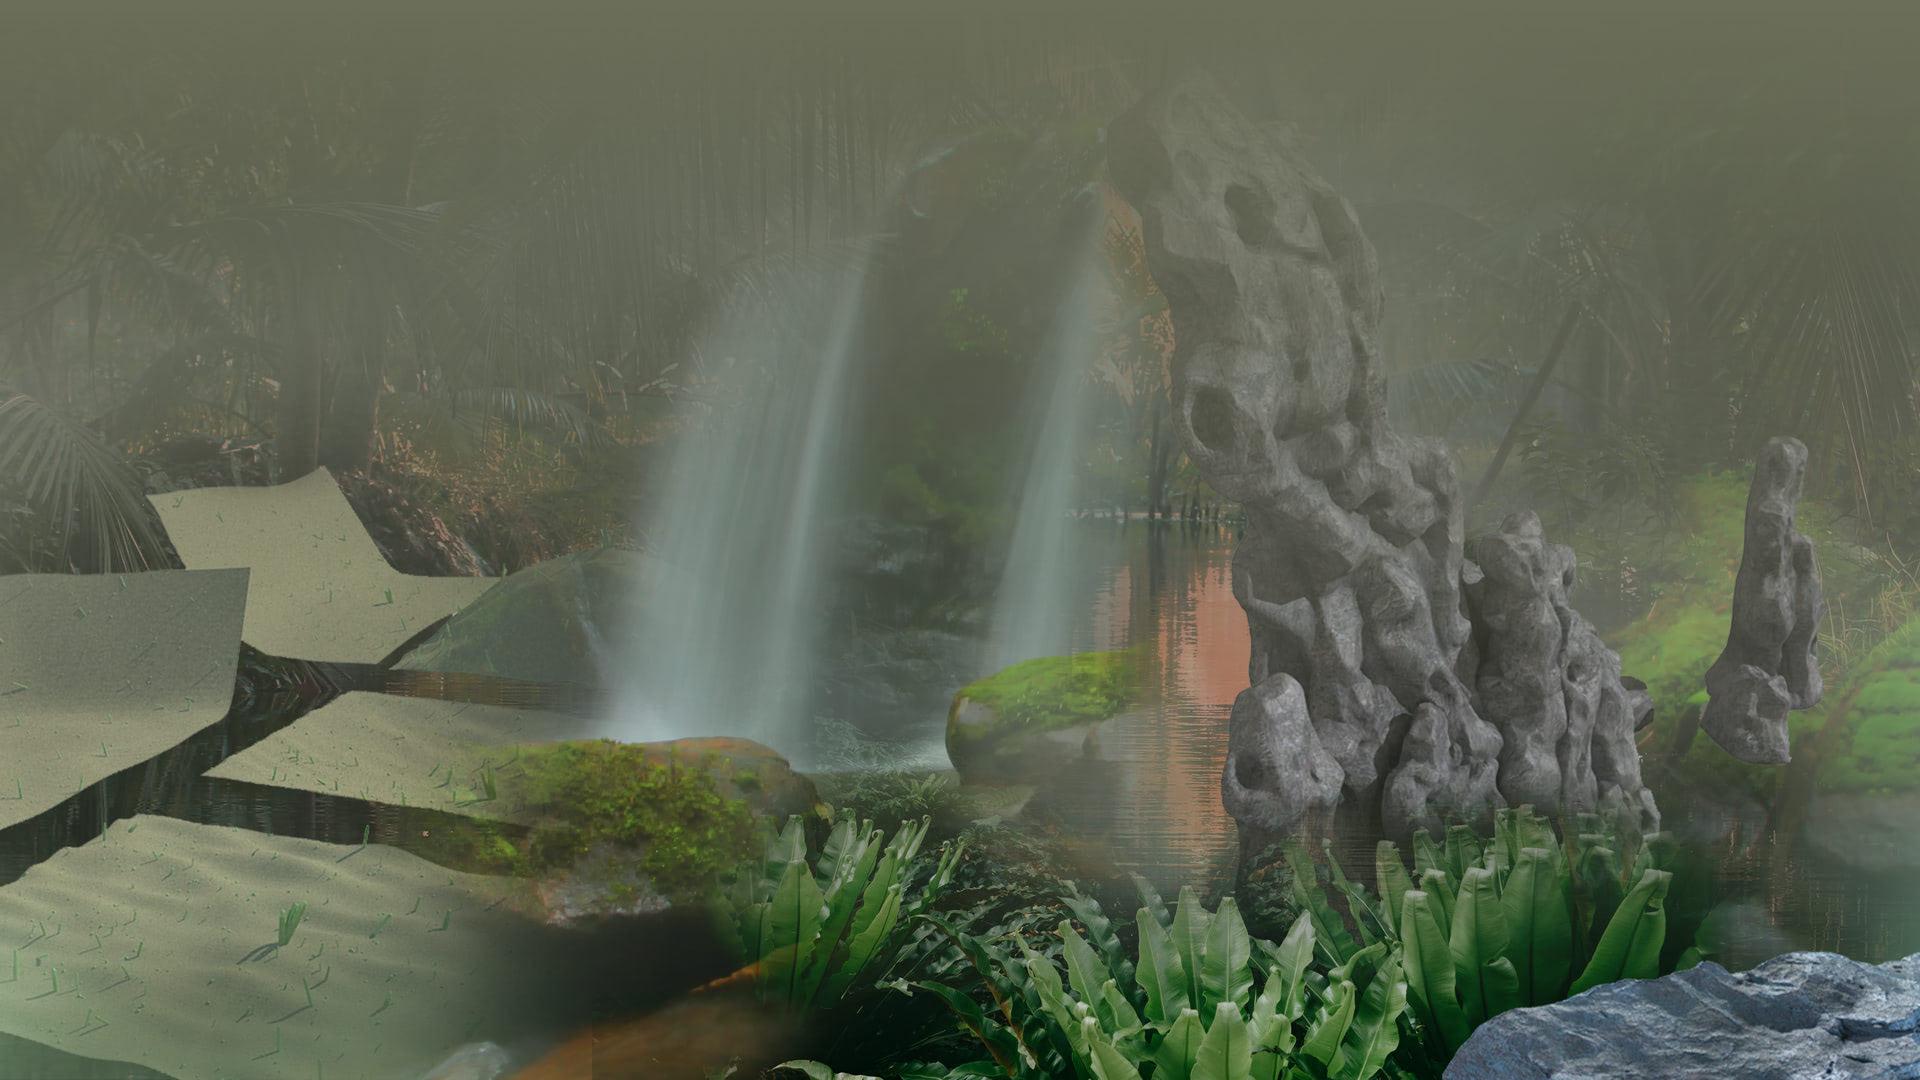 3D Landscape outro image